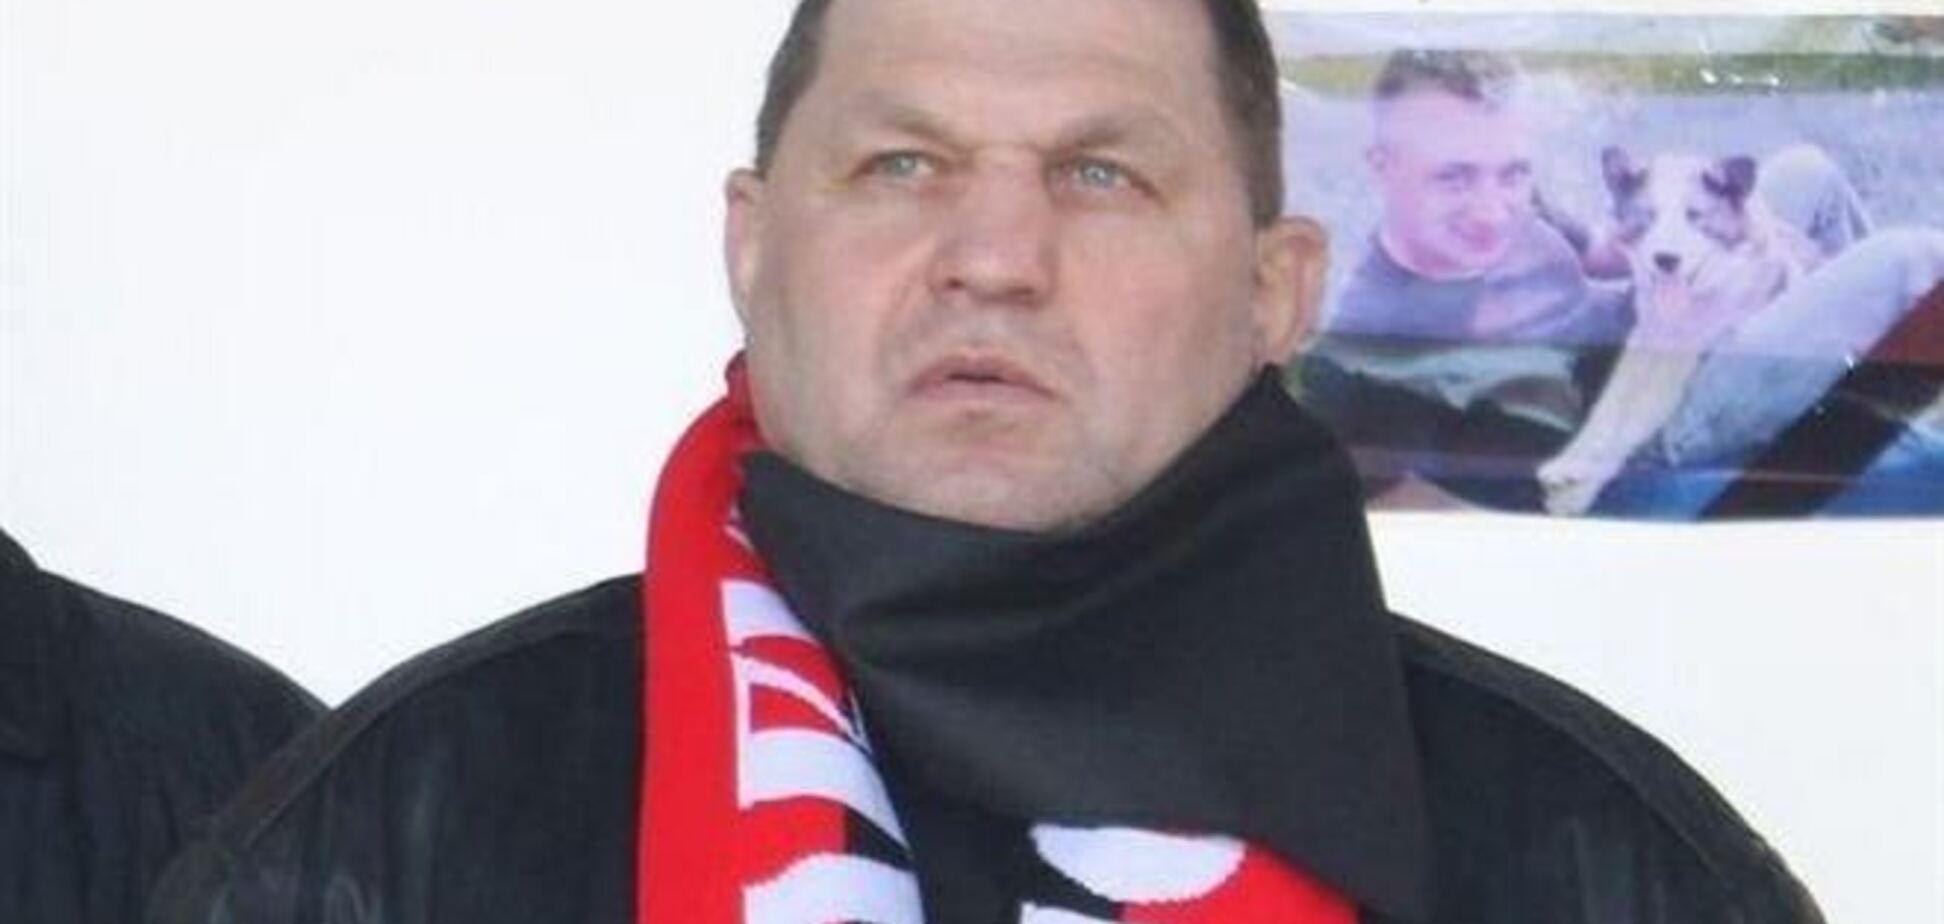 ГПУ не заперечує, що Саша Білий міг загинути від пострілів міліції